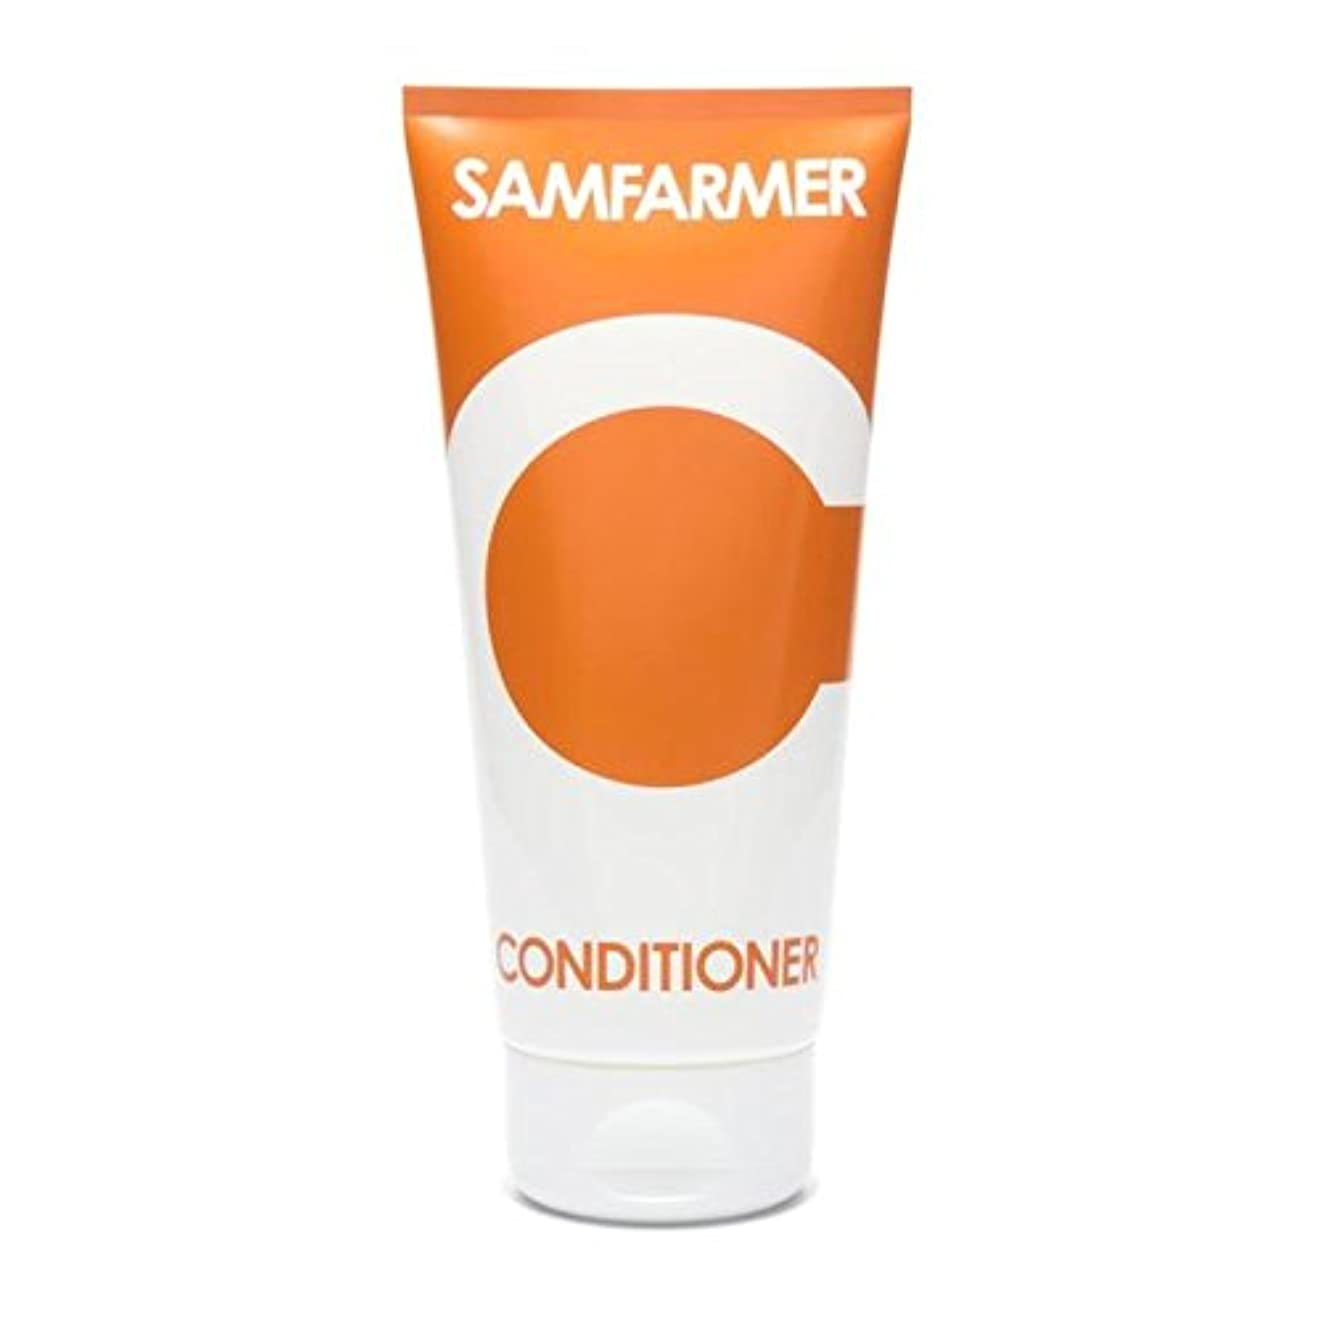 収穫セッティング逆SAMFARMER Unisex Conditioner 200ml (Pack of 6) - ユニセックスコンディショナー200 x6 [並行輸入品]